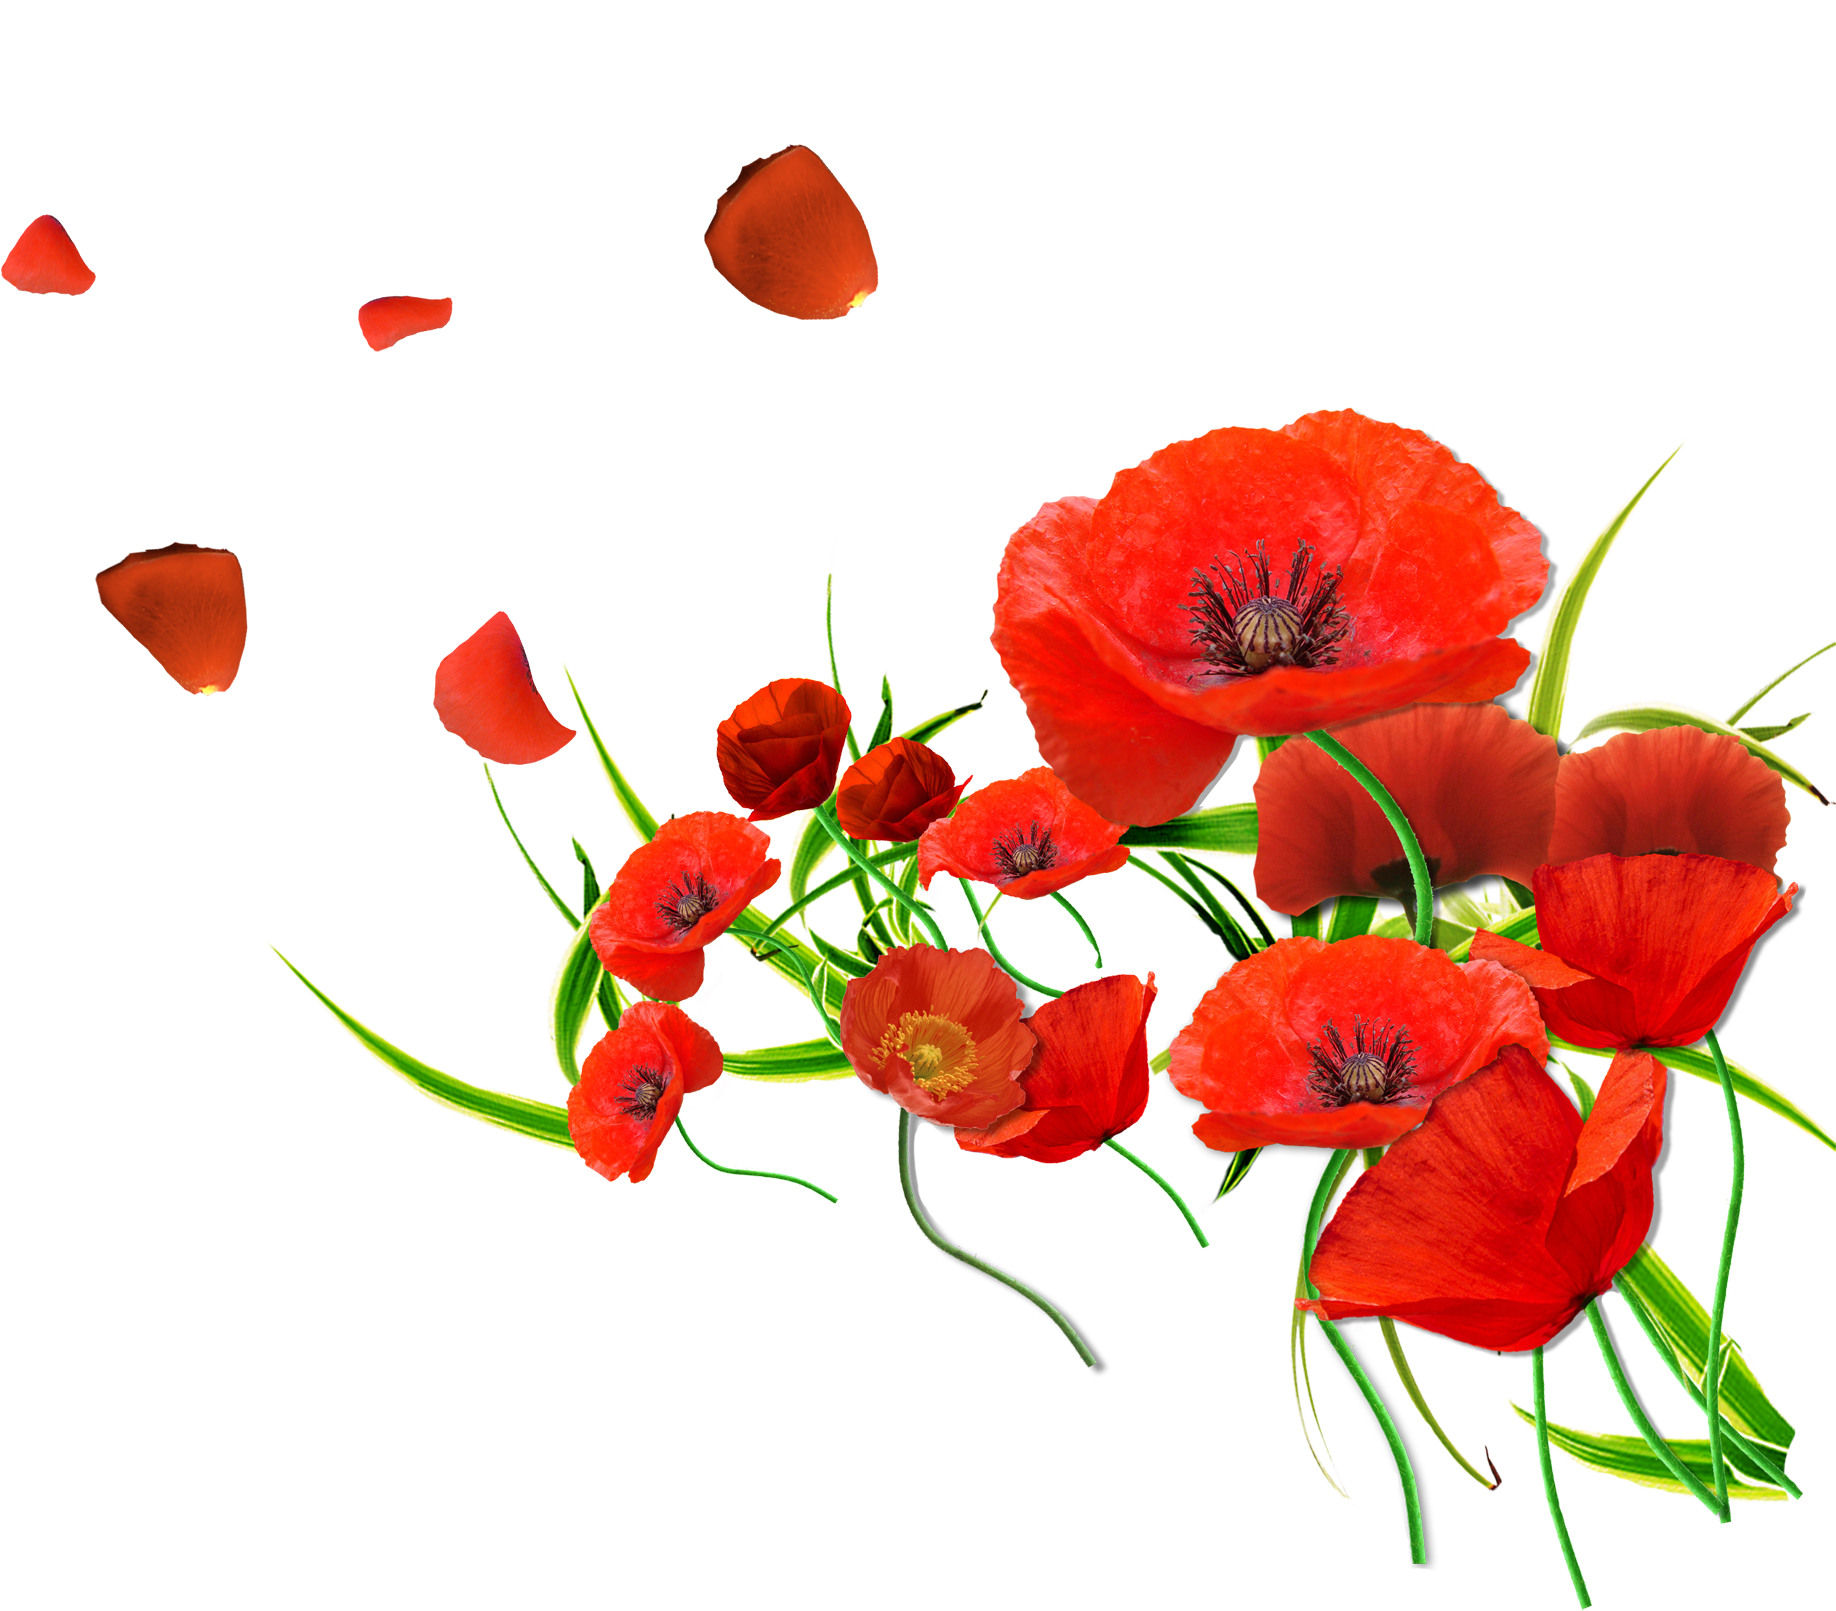 Image coquelicot rouge recherche. Poppy clipart armistice